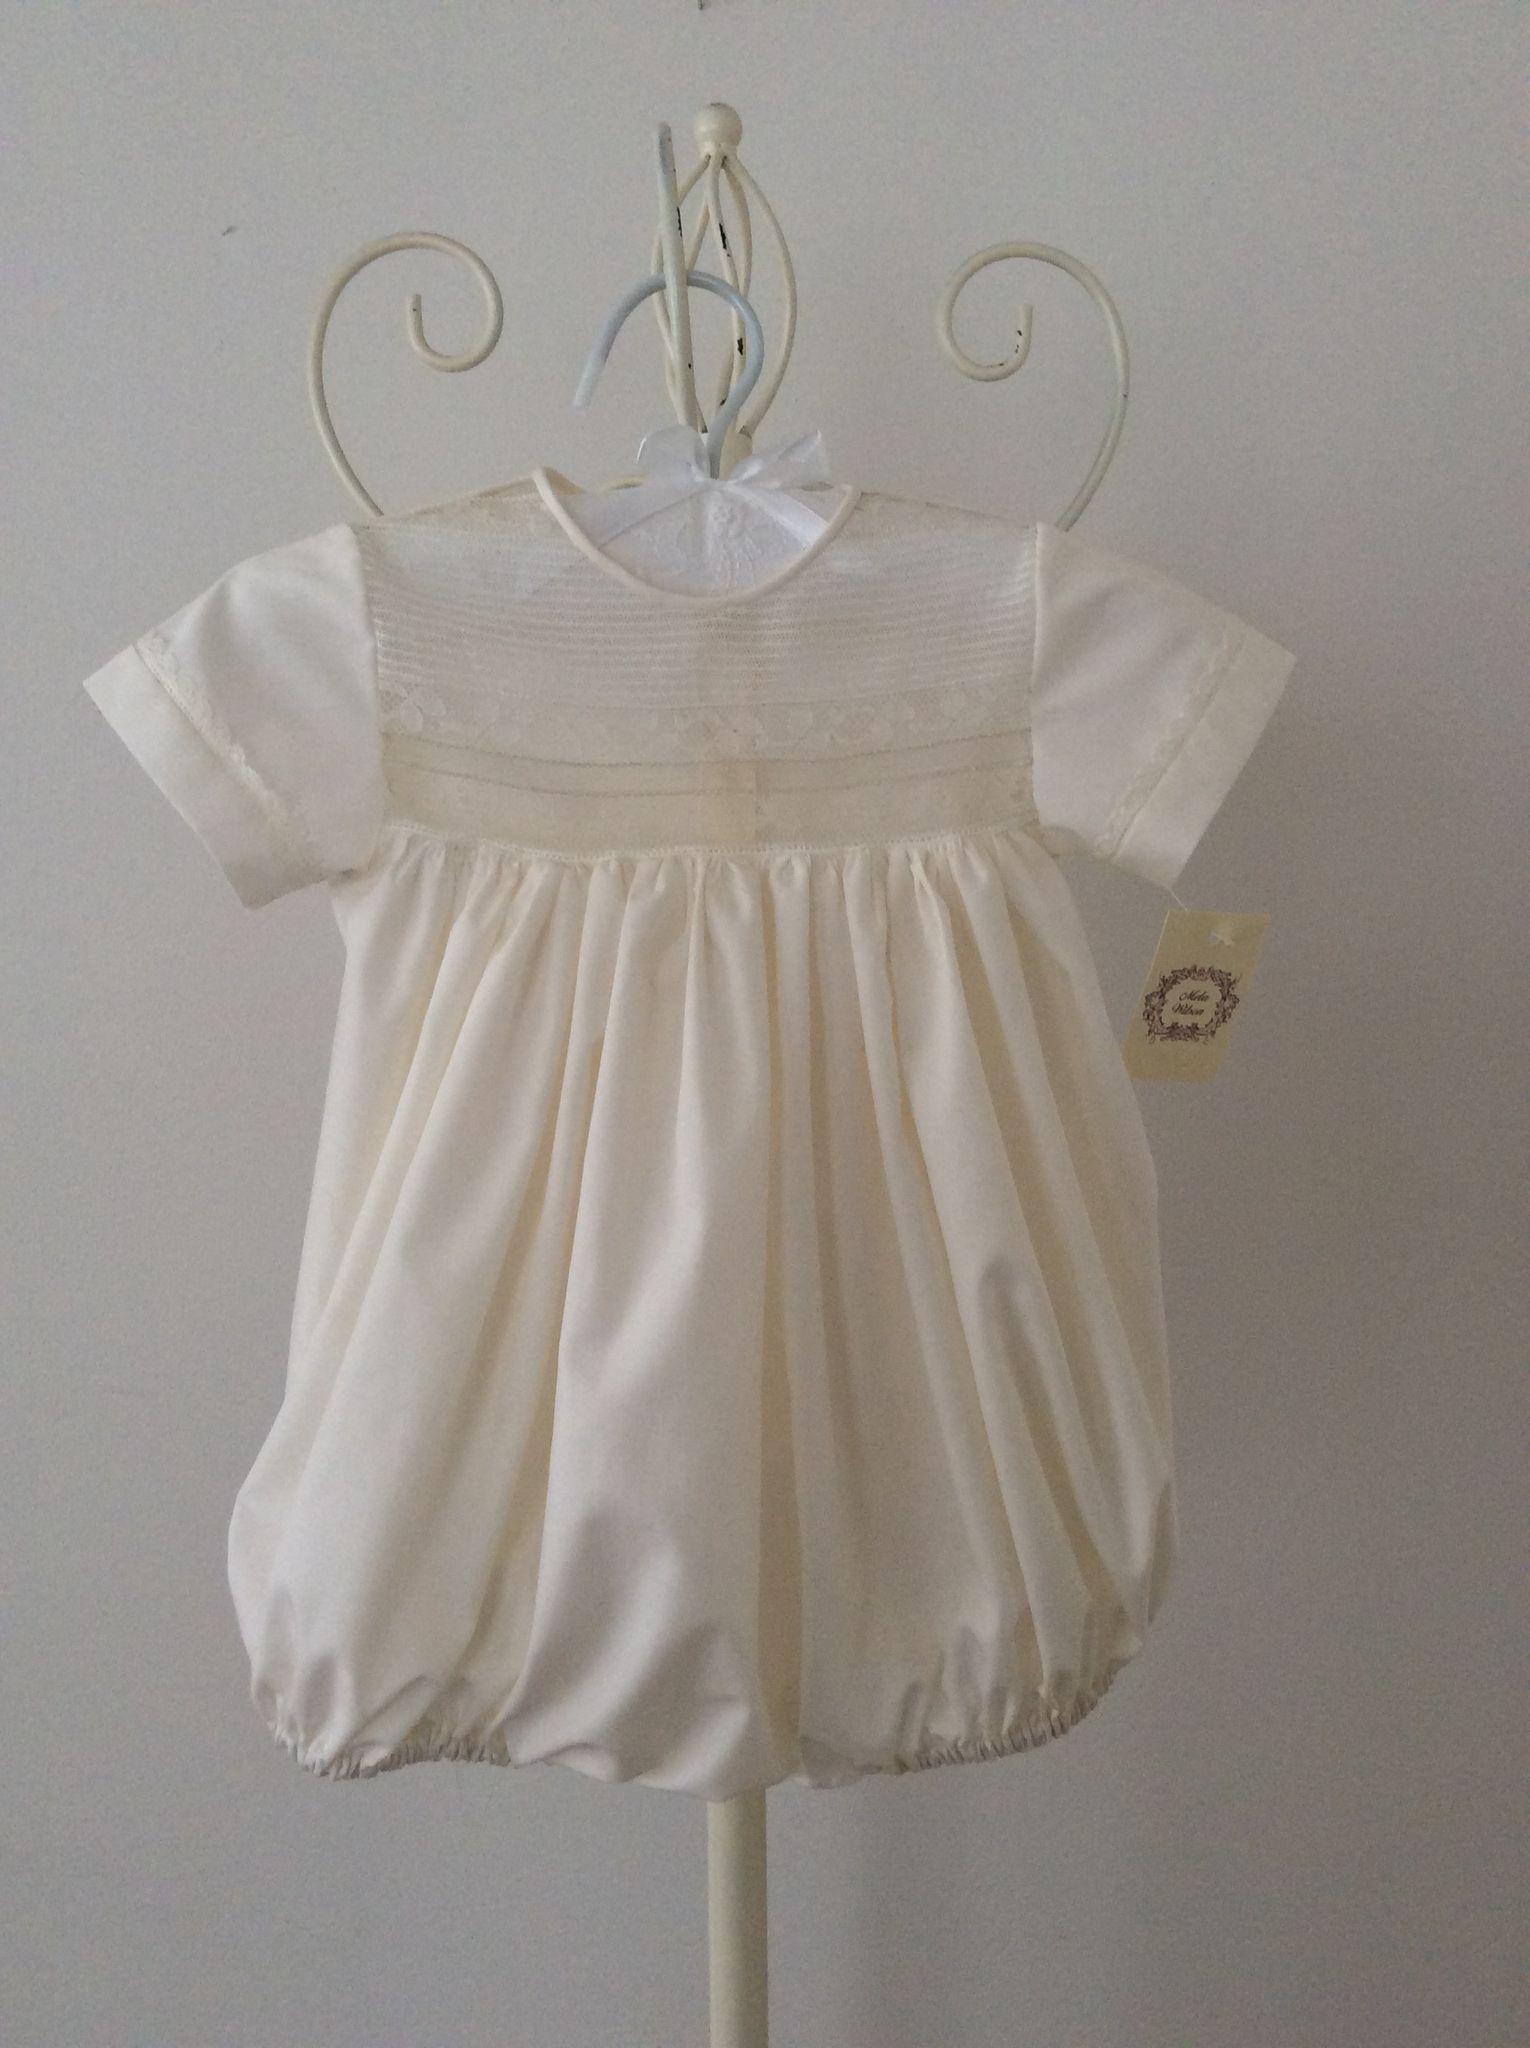 Style 80E is an original antique lace bubble Email:mela.wilson2@comcast.net Facebook:Mela Wilson Children's Clothing